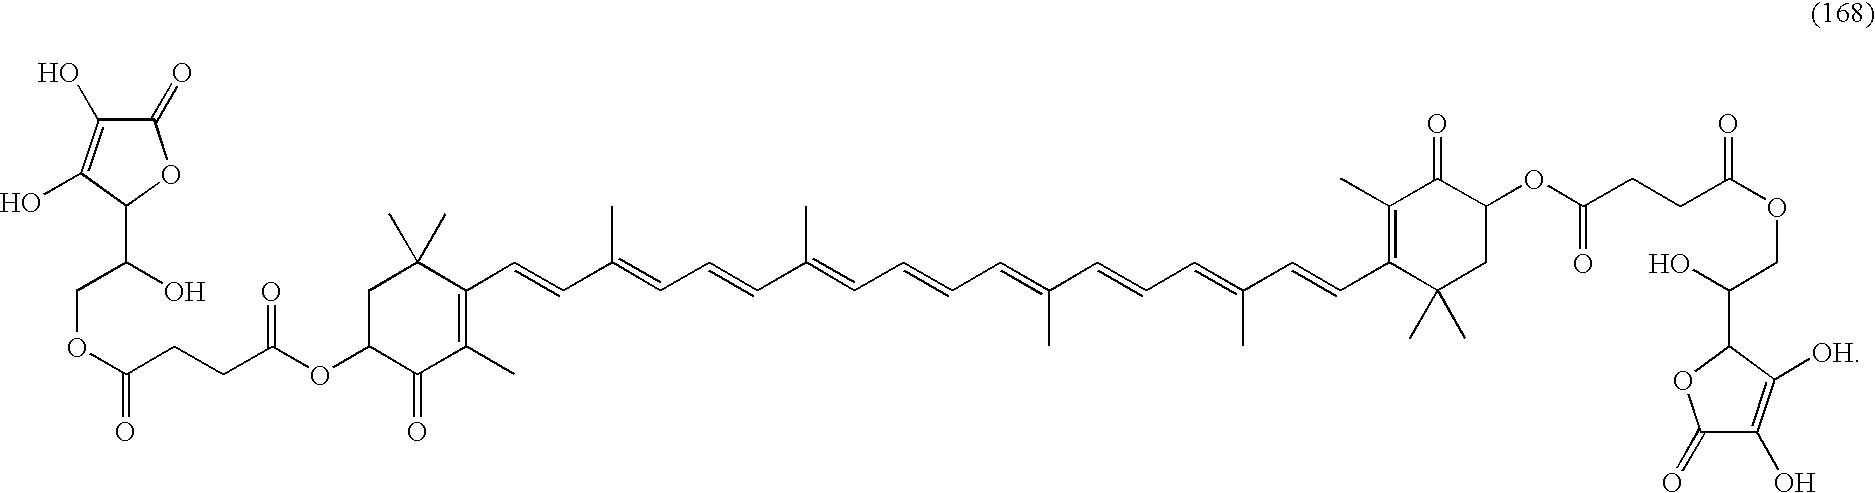 Figure US07691901-20100406-C00058